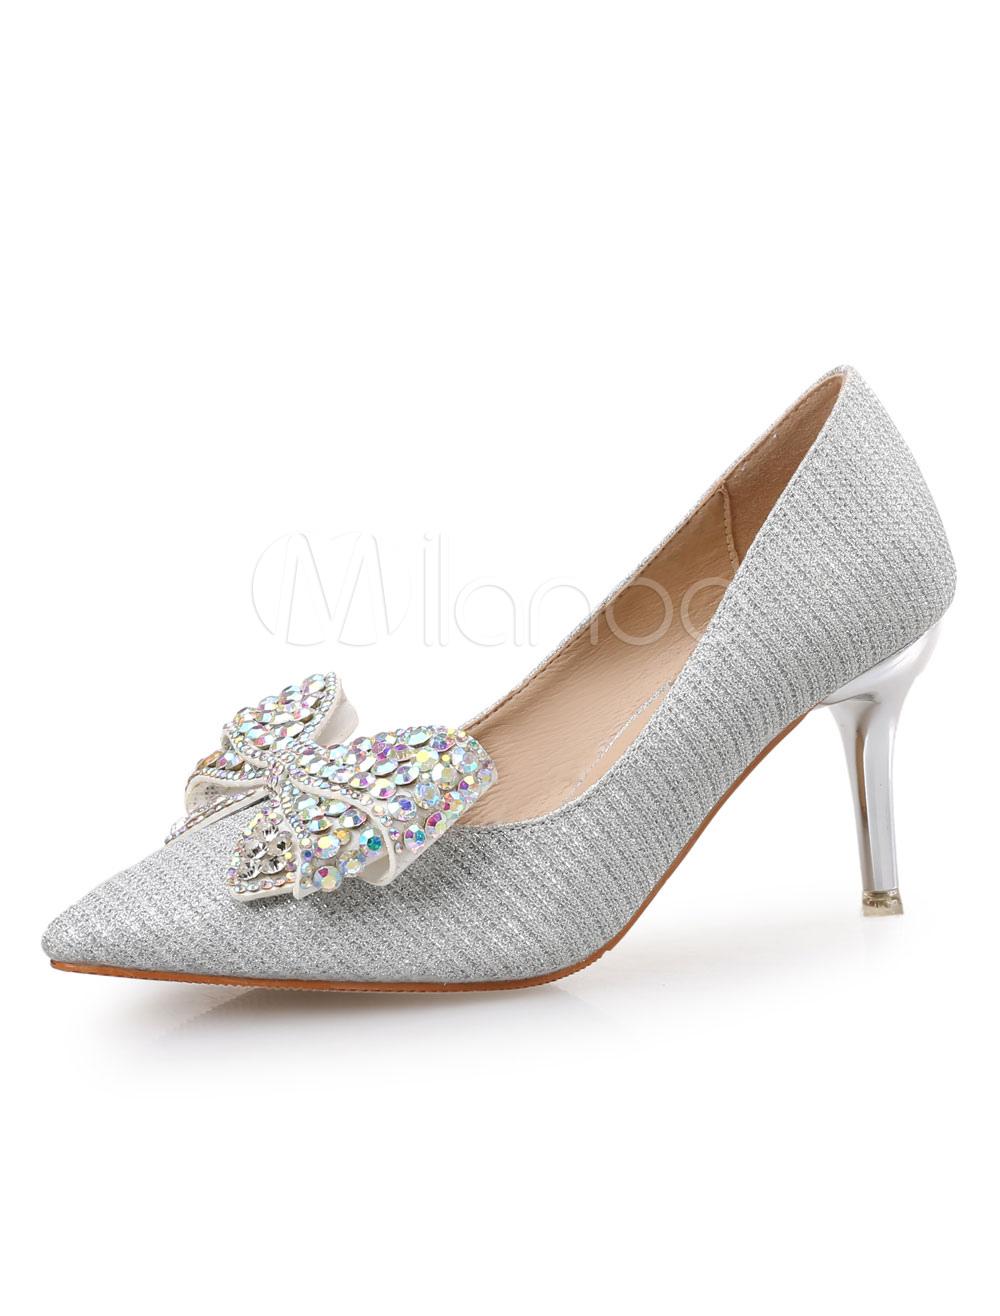 Zapatos de tacón medio de puntera puntiaguada de tacón gordo para aumentar la altura estilo modernopara pasar por la noche de tela Ry1gSO4F